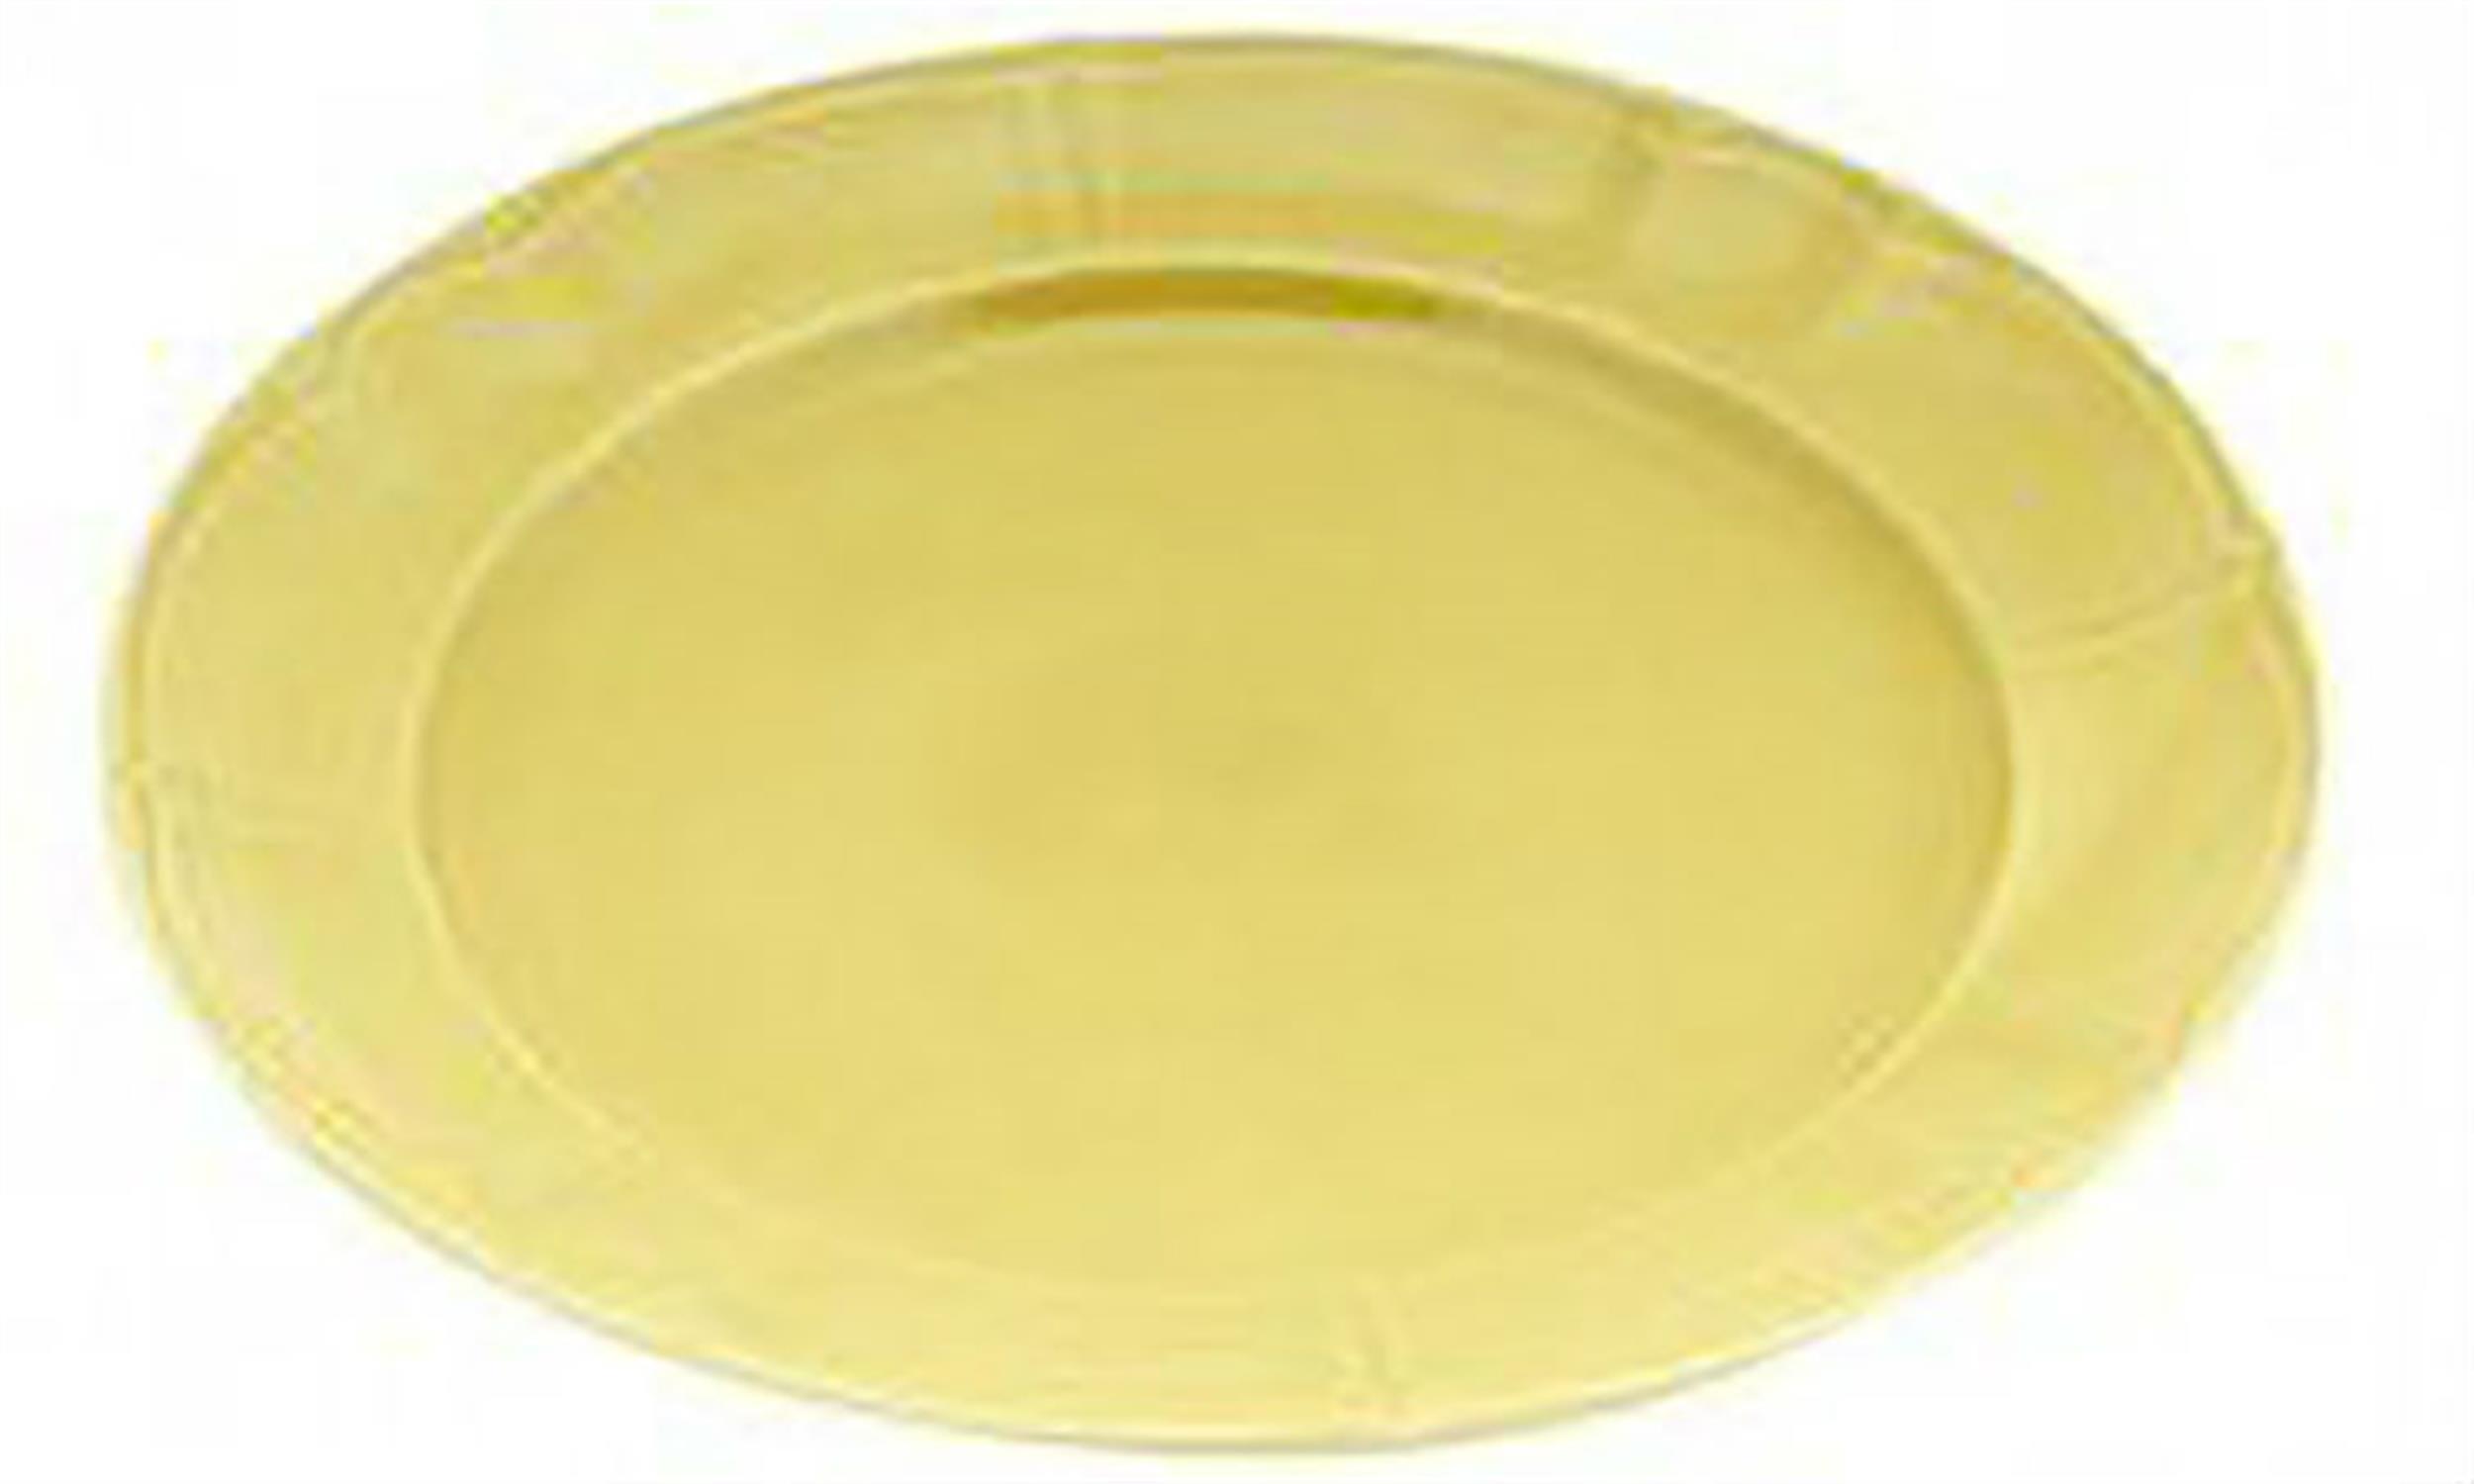 Πιάτο κεραμικό ρηχό κίτρινο 27cm Venus 89565